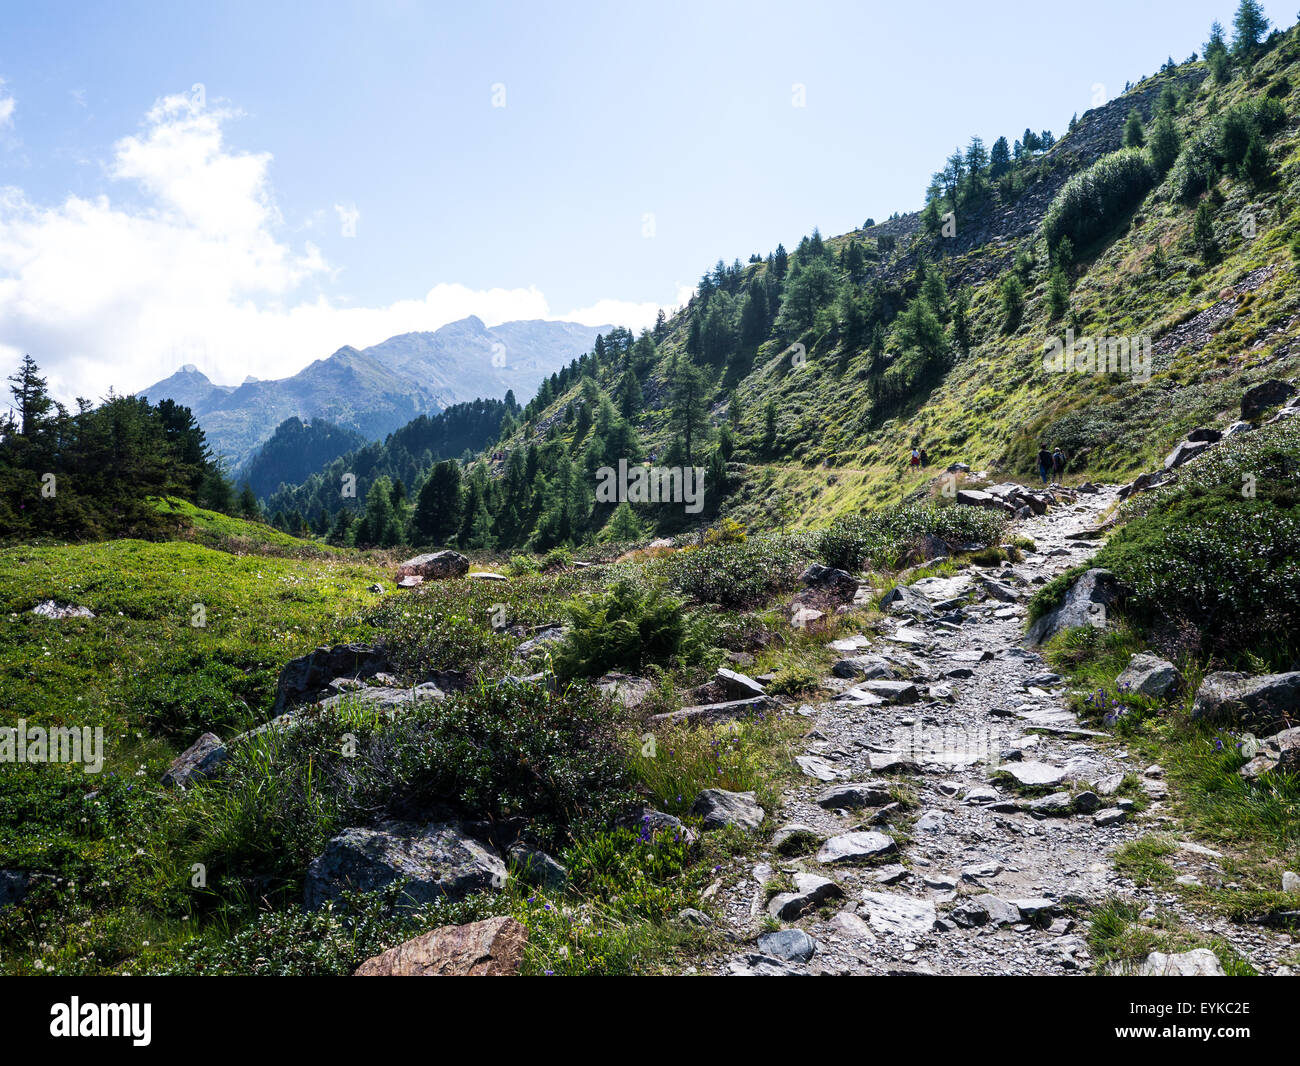 Hiking on Mount Patscherkofel, near Innsbruck, Tirol, Austria Stock Photo